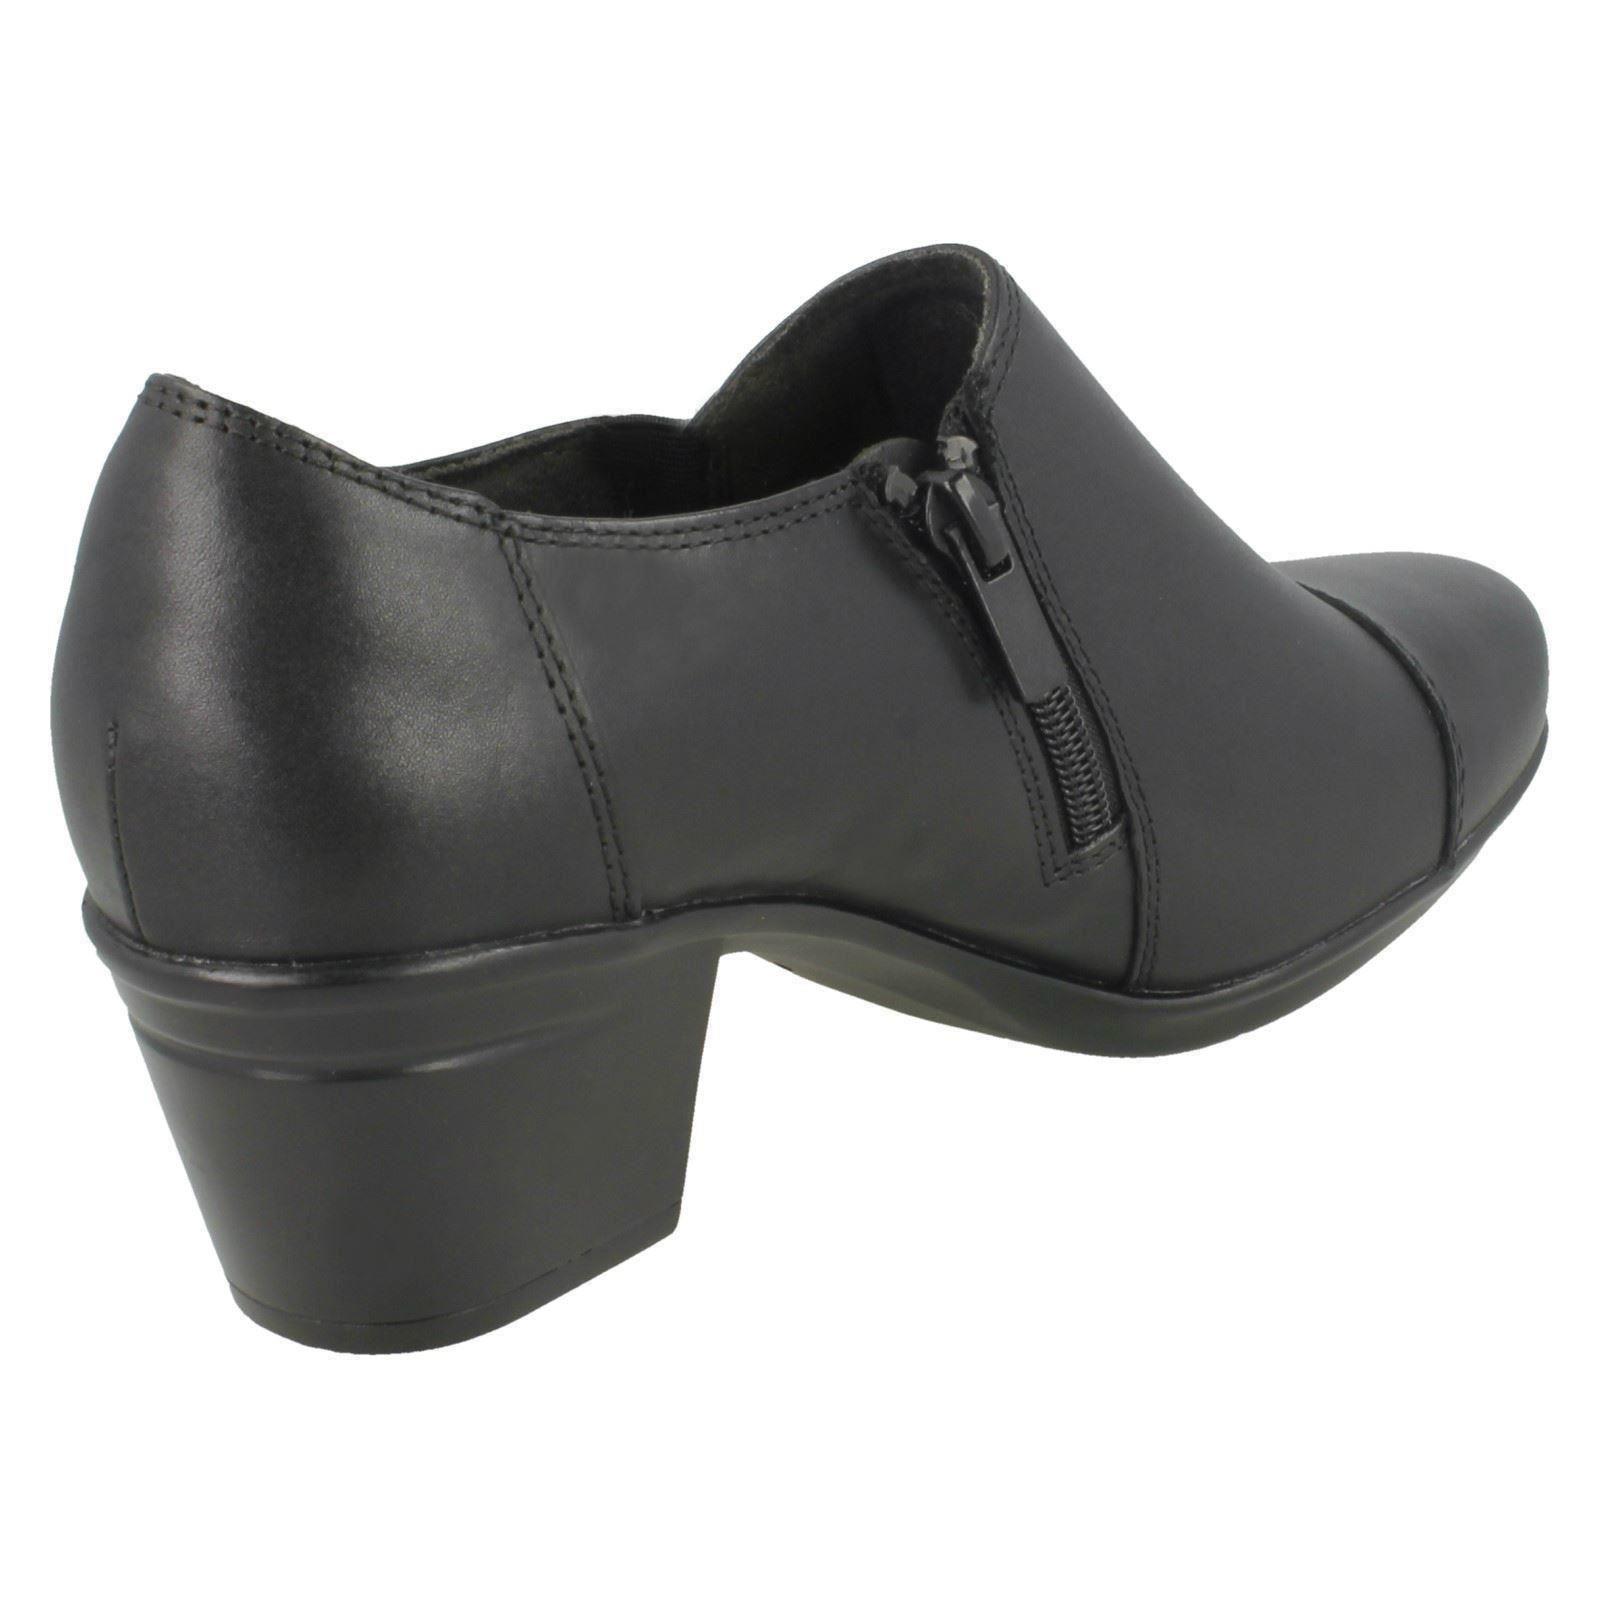 mesdames clarks zip des chaussures à talons emslie emslie emslie warren | Matériaux De Haute Qualité  4a9334